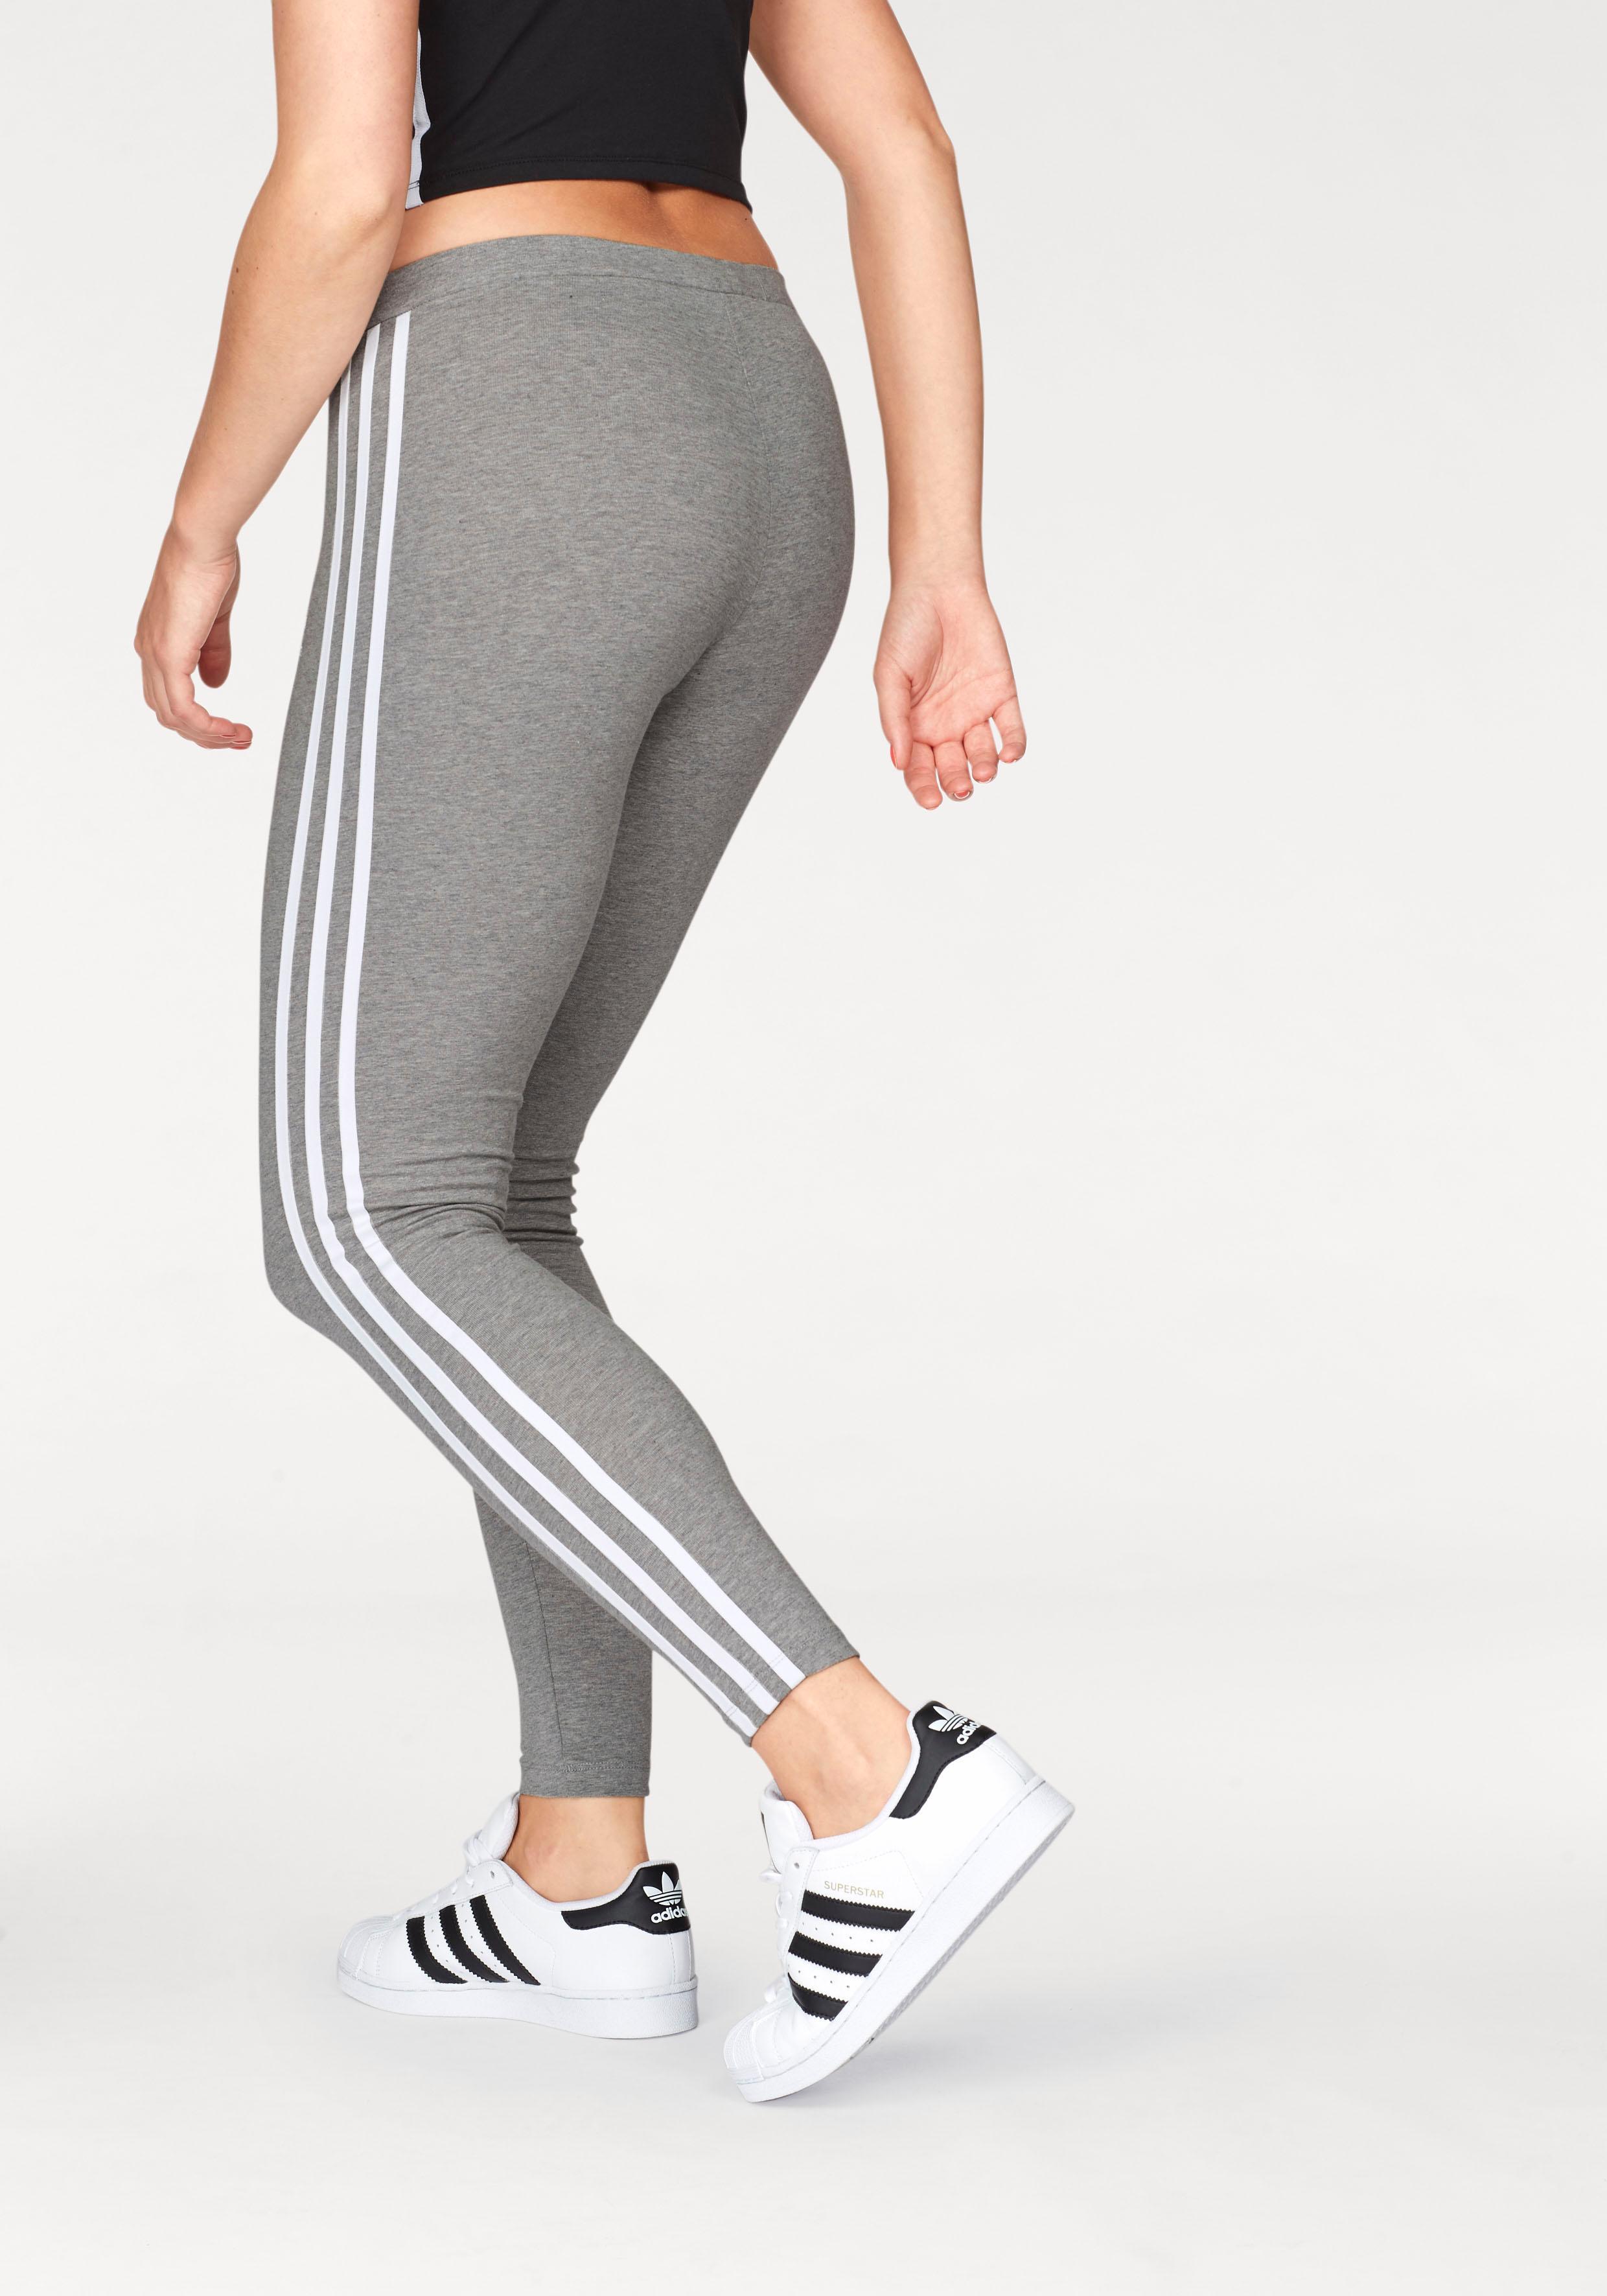 89623cea Bildquelle: adidas Originals Leggings »3 STRIPES TIGHT«